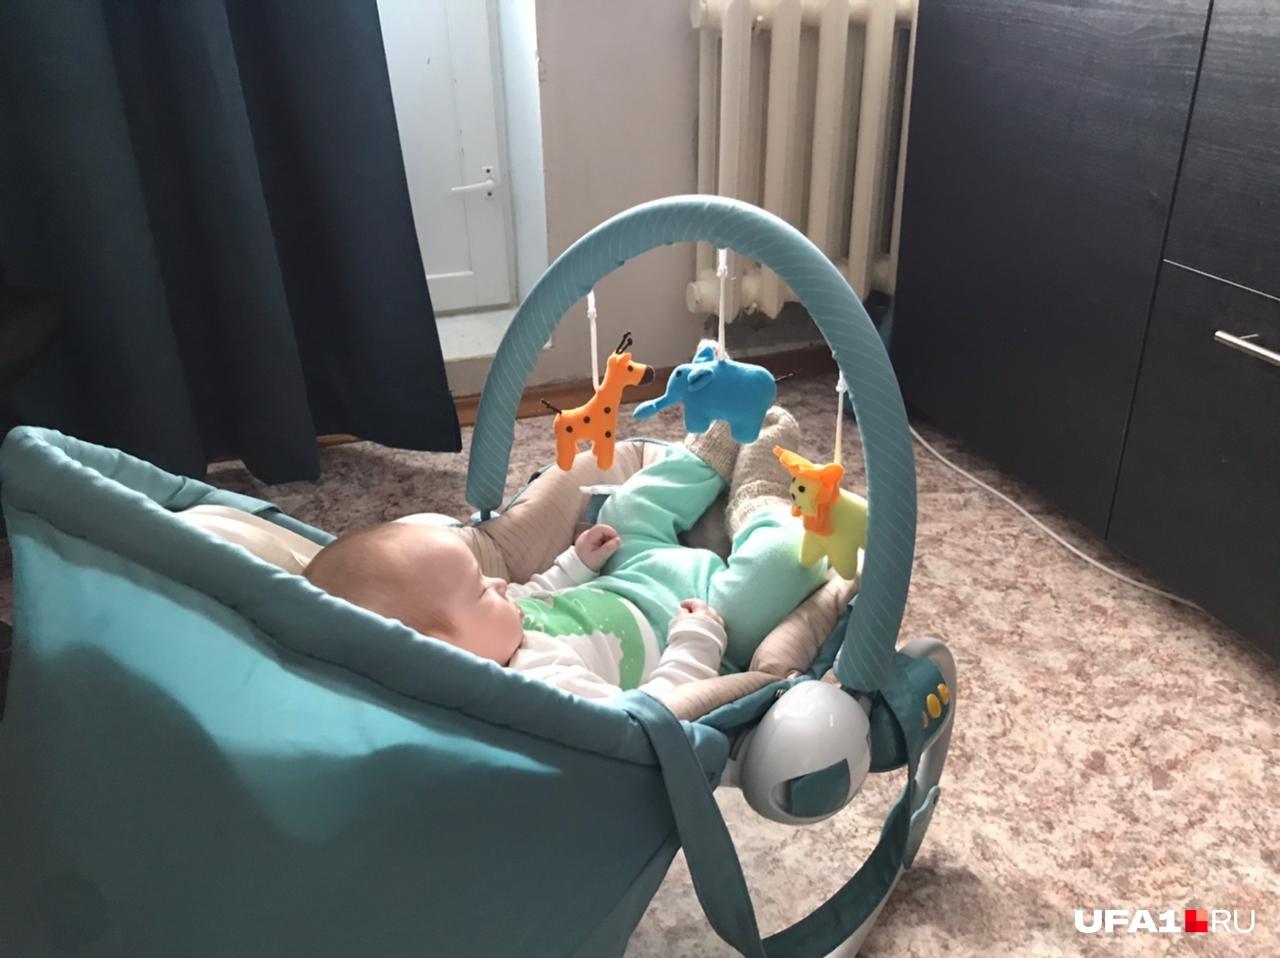 Как рассказал Богдан, его жена очень сильно любила детей, и когда заберенела третьим, вопроса, стоит ли рожать, не стояло